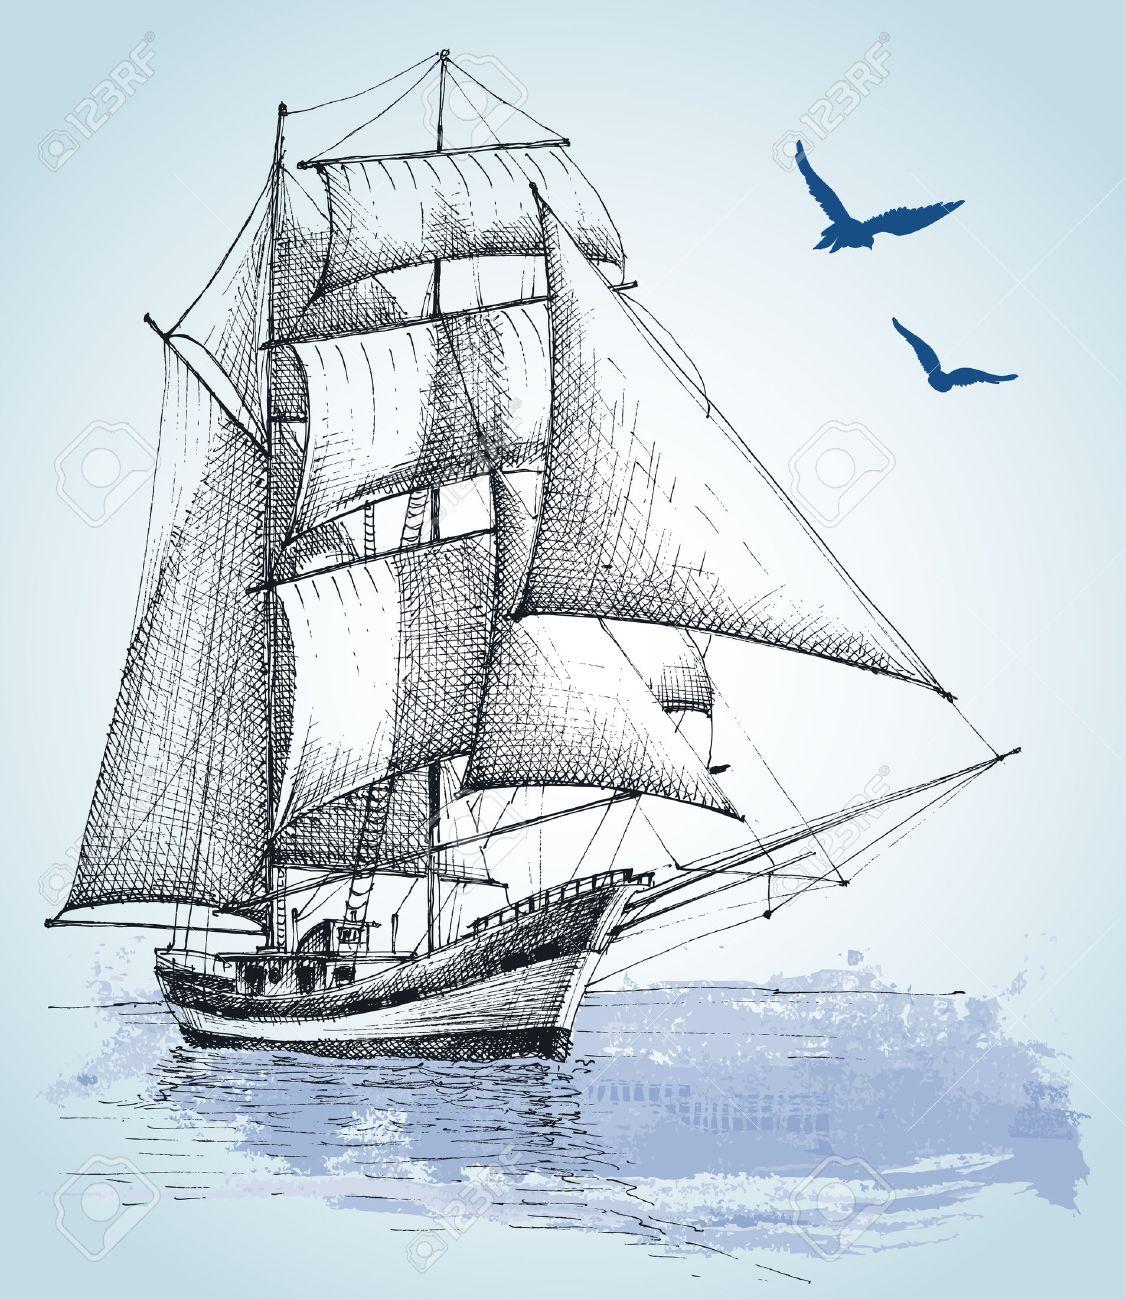 1126x1300 Boat Drawing. Sailboat Vector Sketch Royalty Free Cliparts